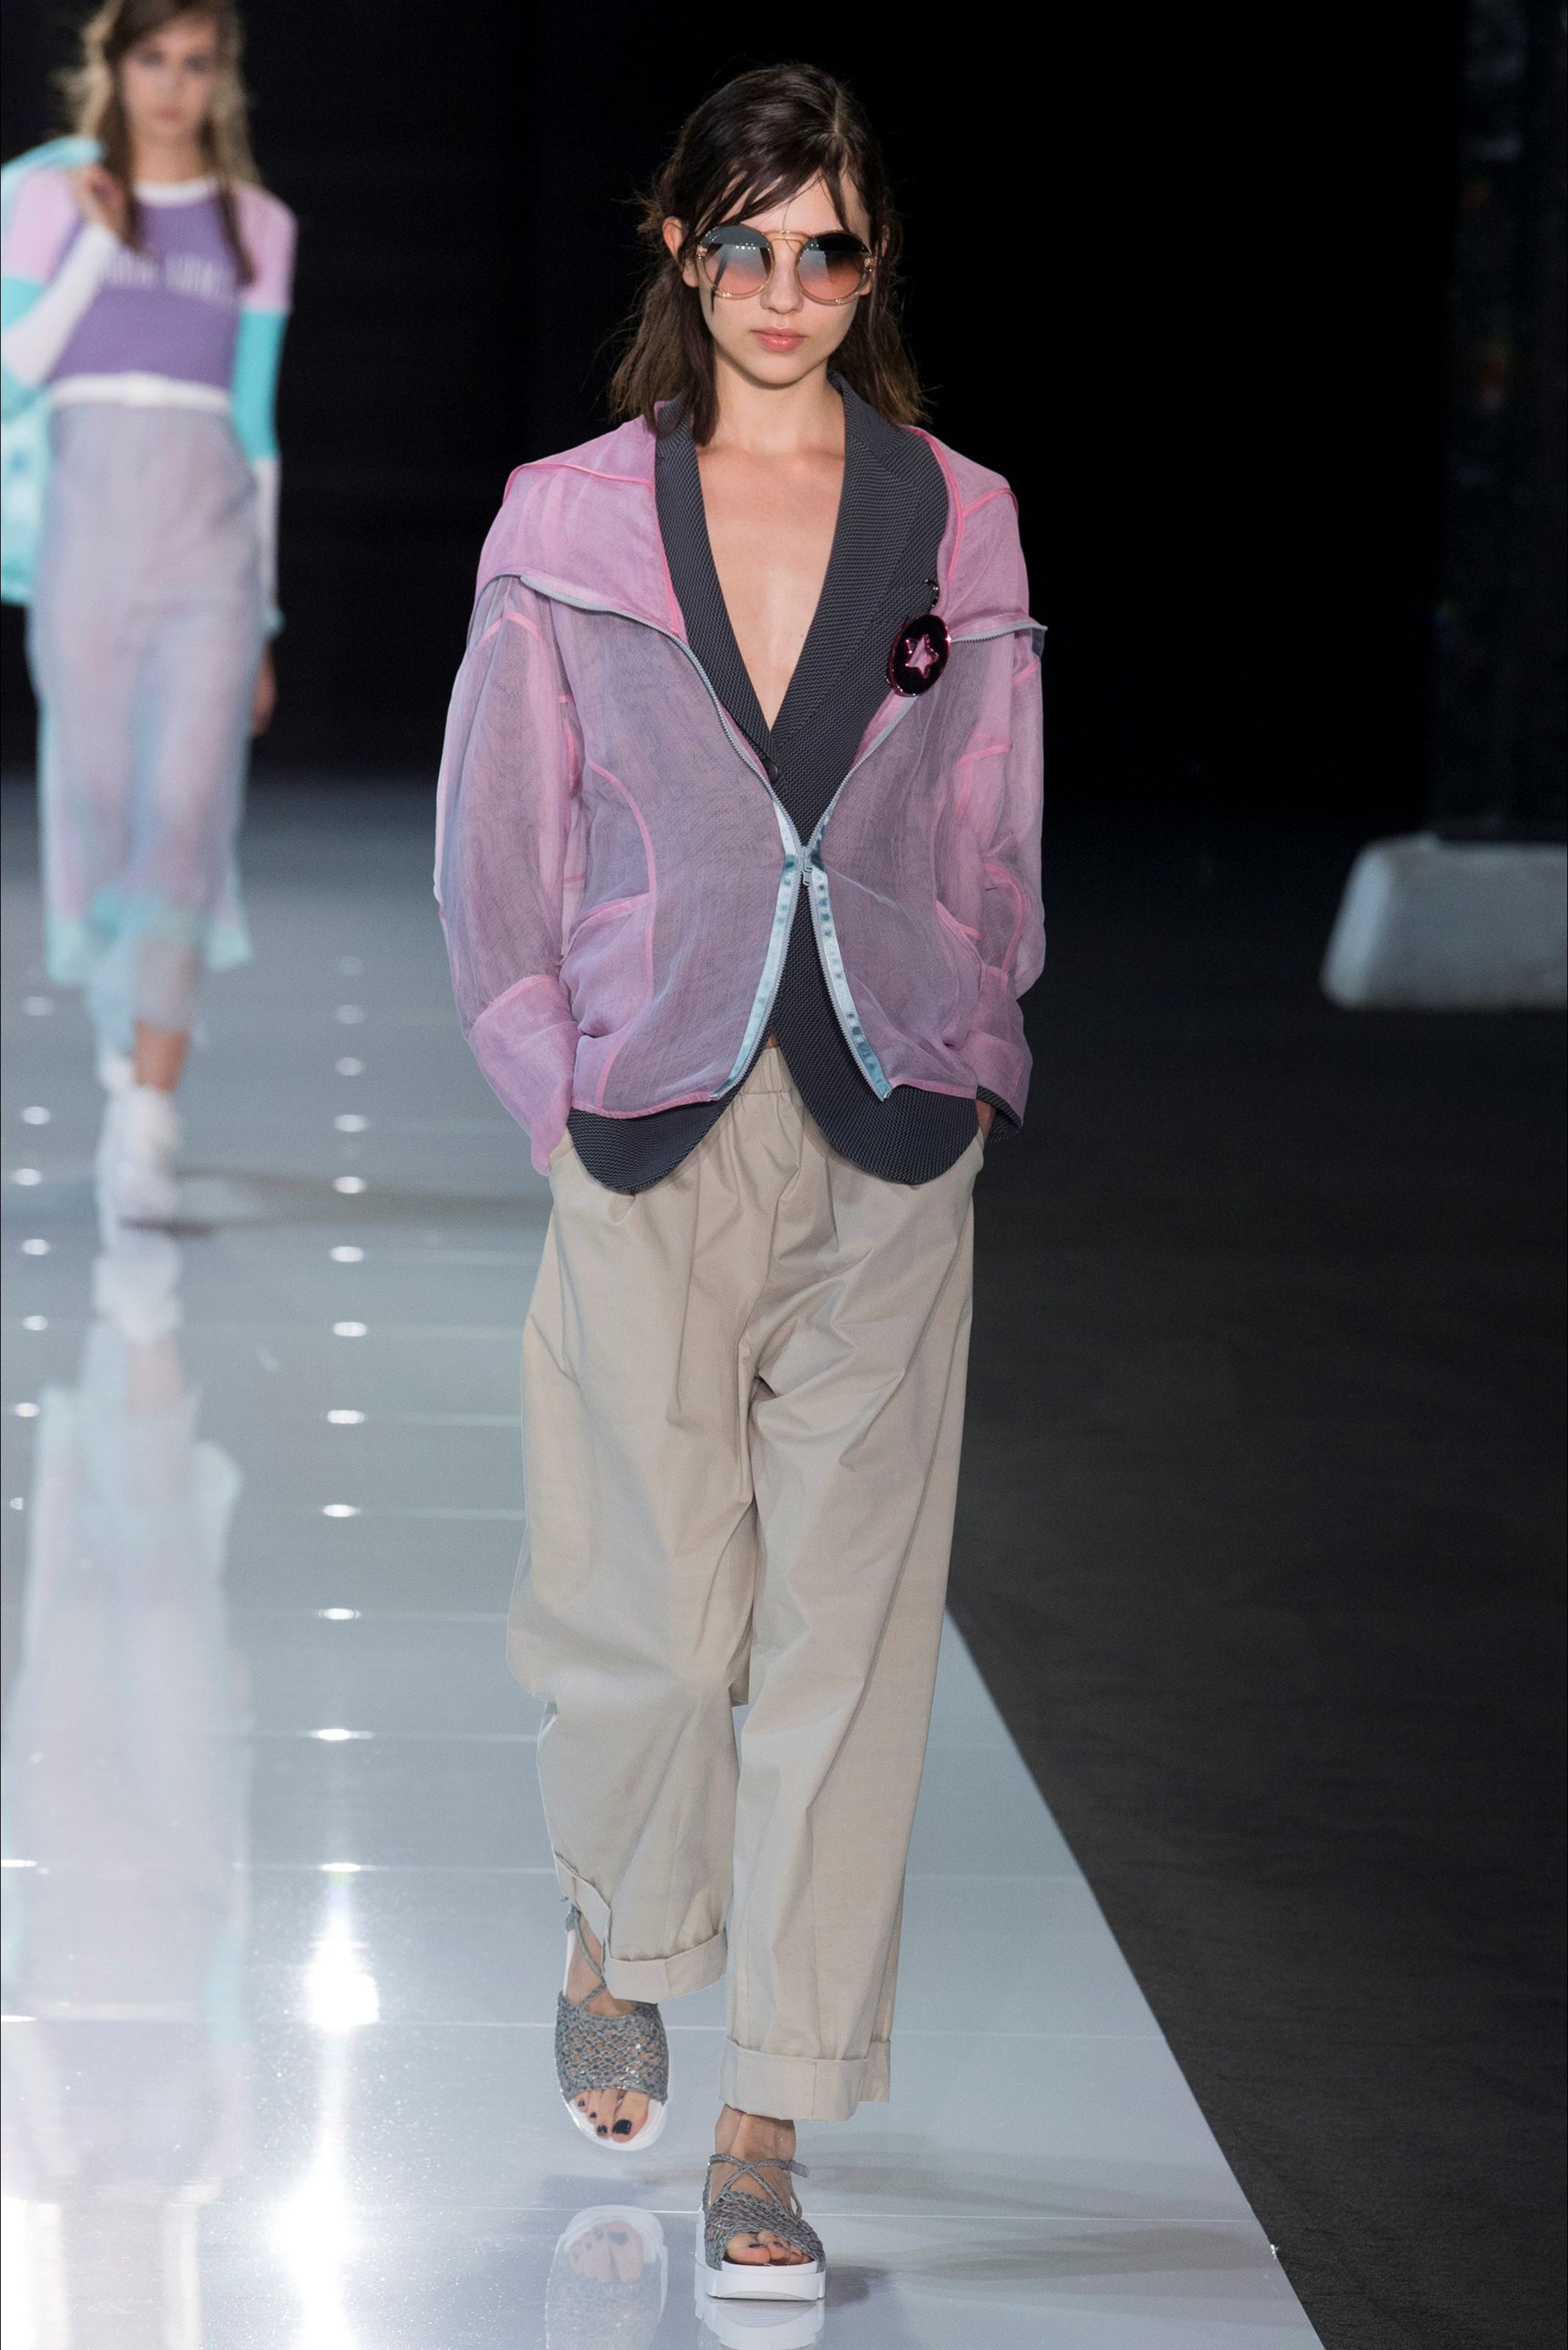 4a65f990705c Sfilata Emporio Armani Londra - Collezioni Primavera Estate 2018 - Vogue